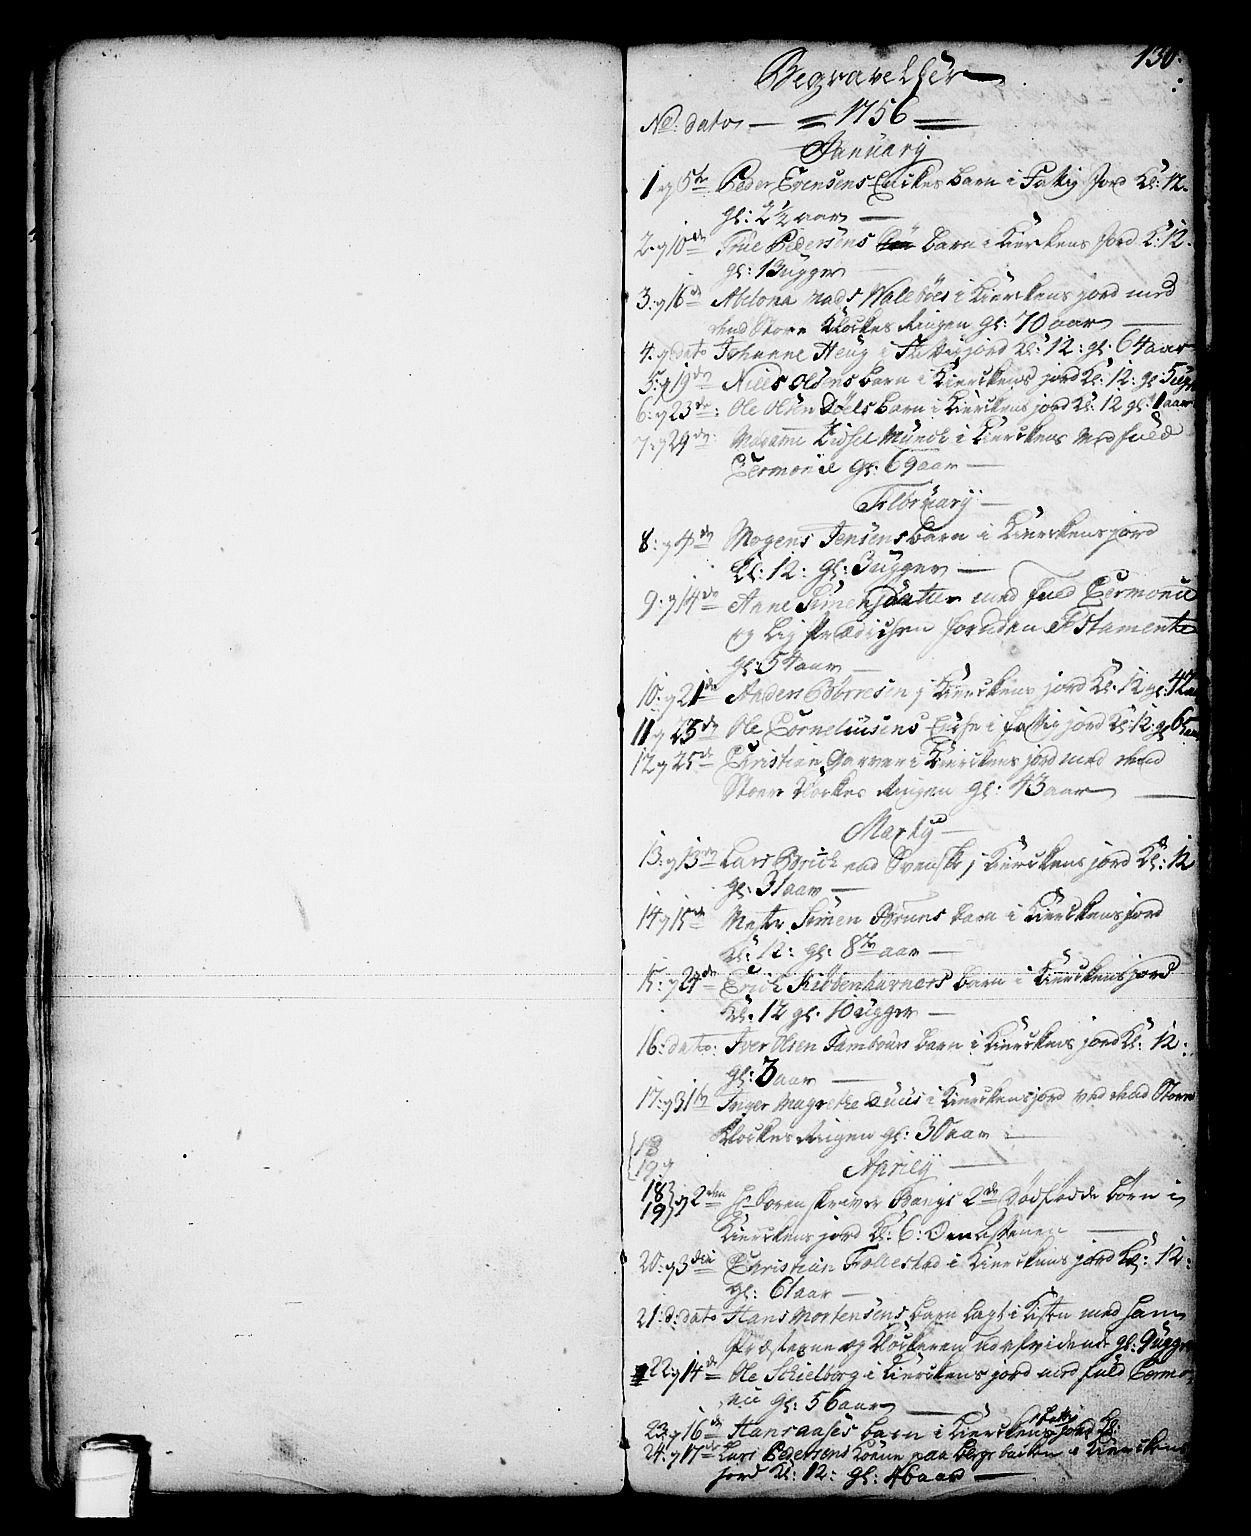 SAKO, Skien kirkebøker, G/Ga/L0001: Klokkerbok nr. 1, 1756-1791, s. 130